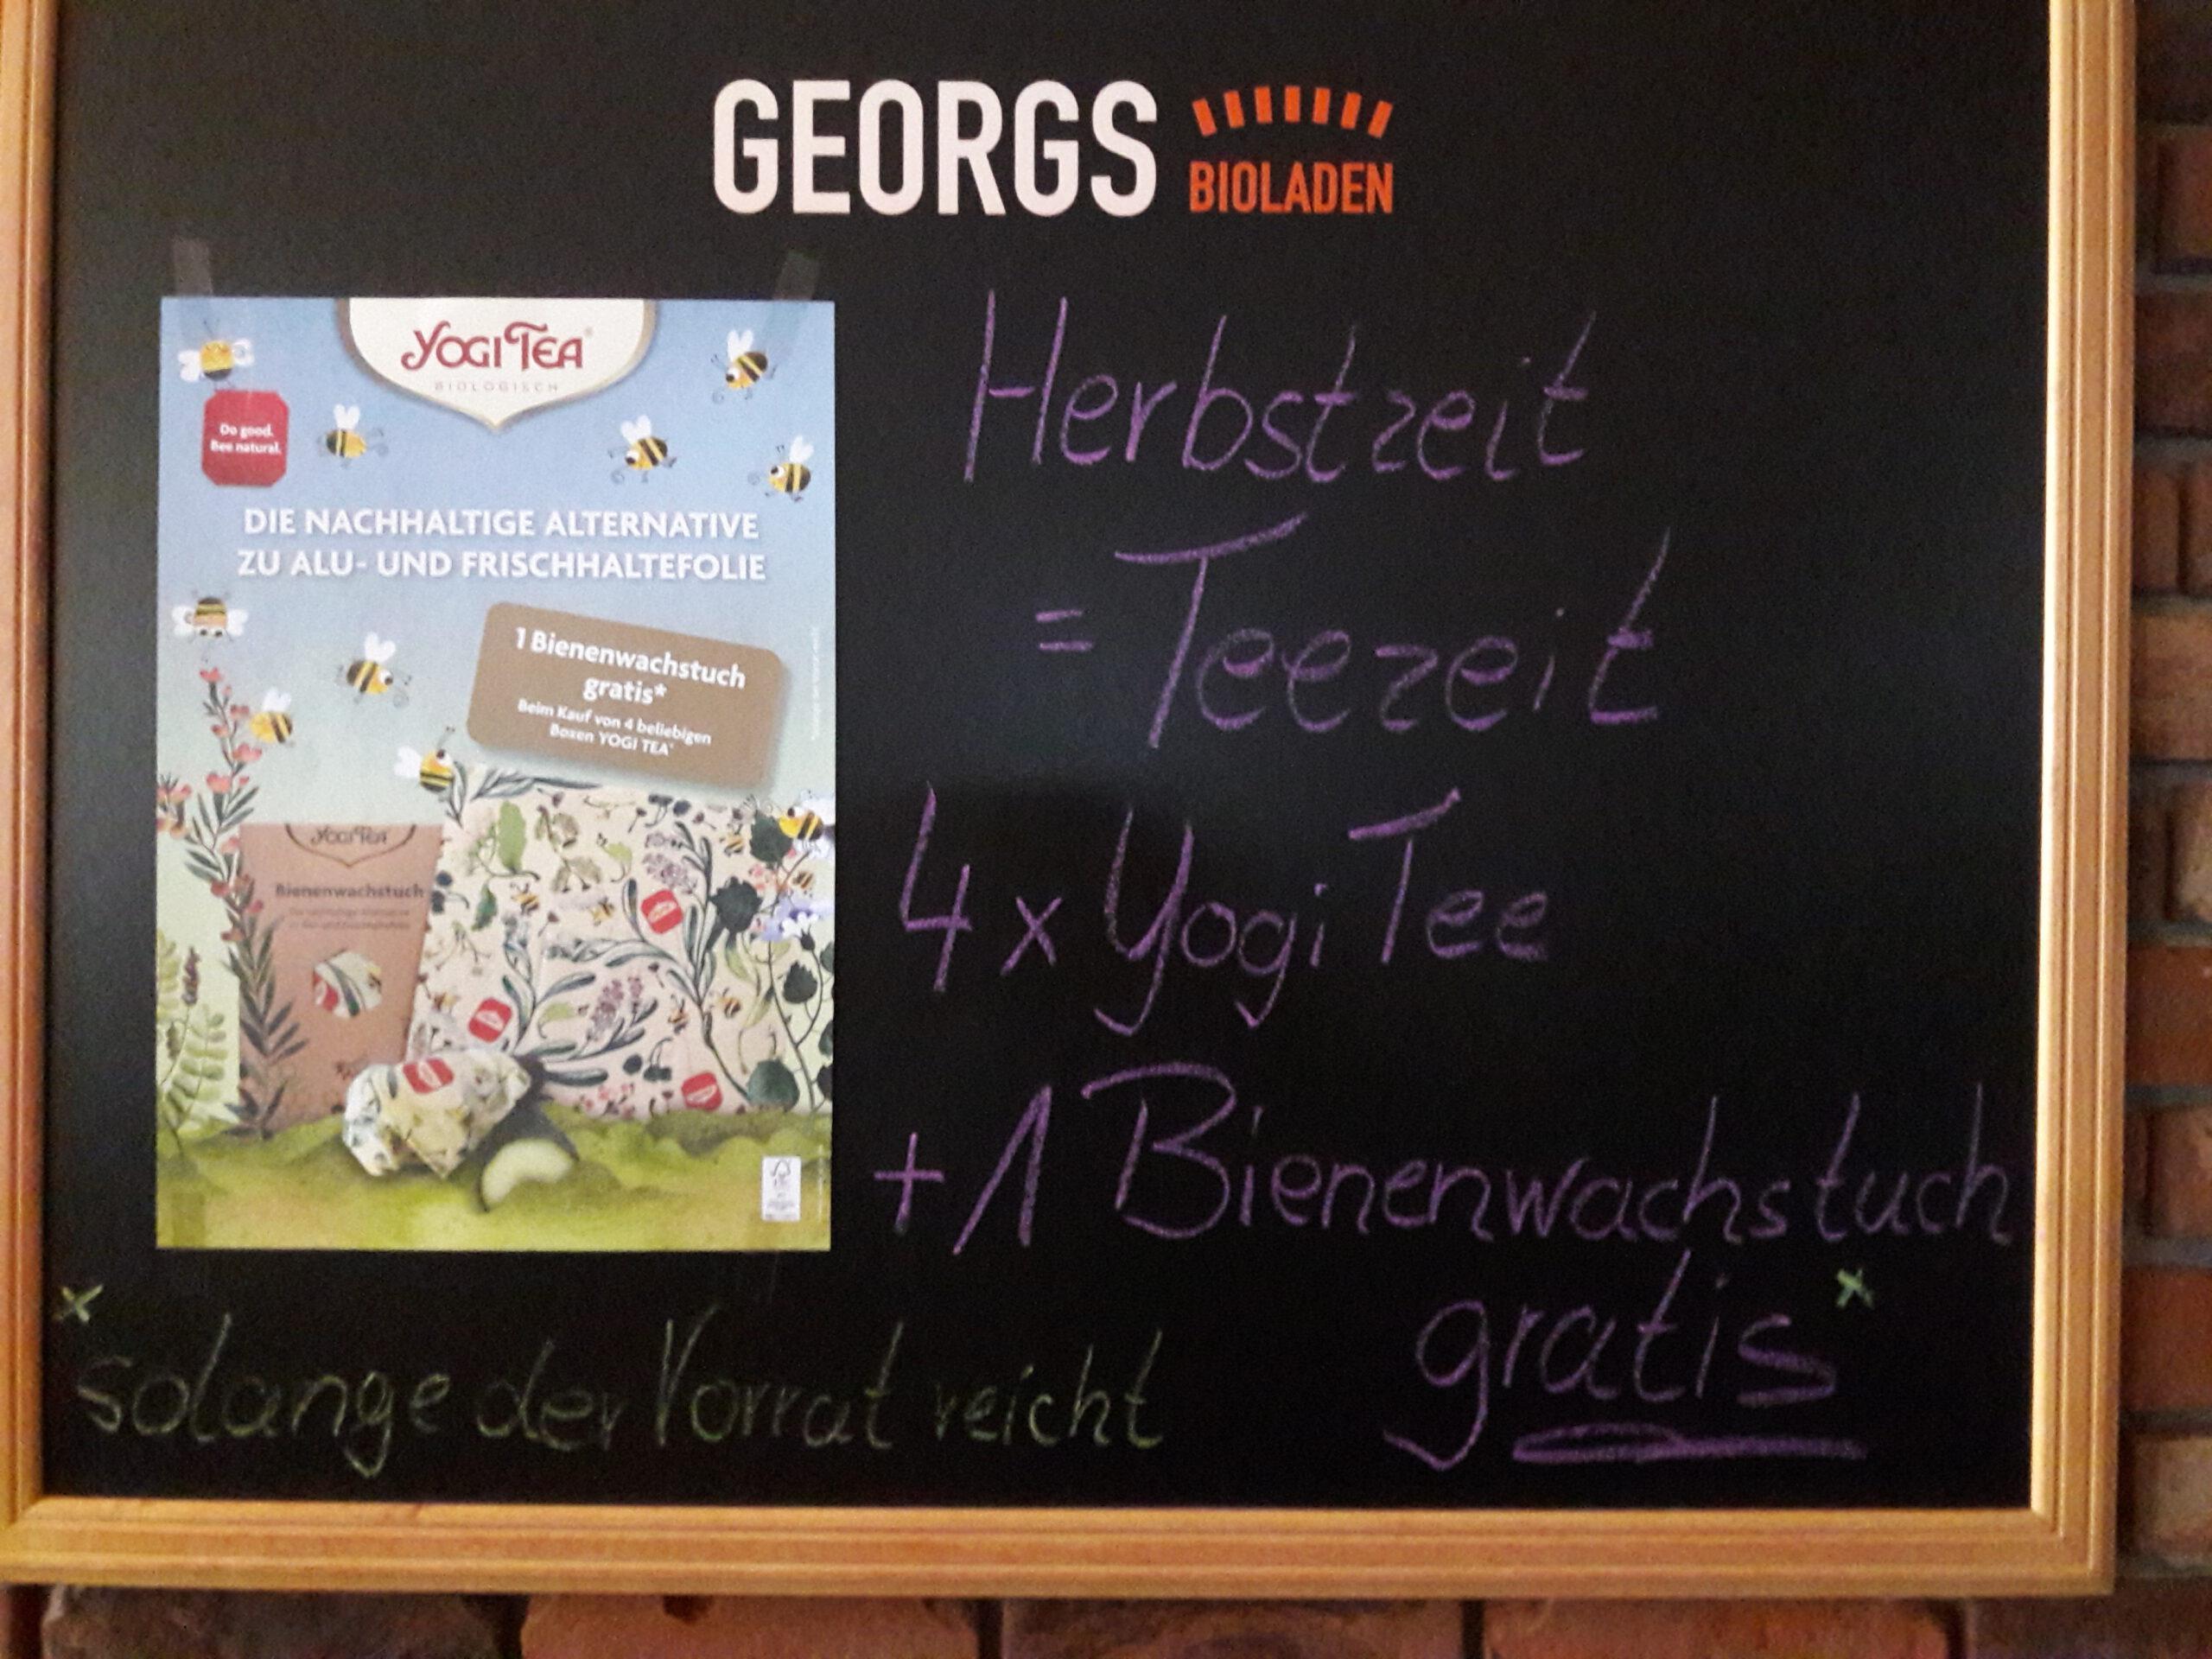 Herbstzeit ist Yogi-Teezeit. Der Knüller: 4 Packungen kaufen, Bienenwachstuch gratis!